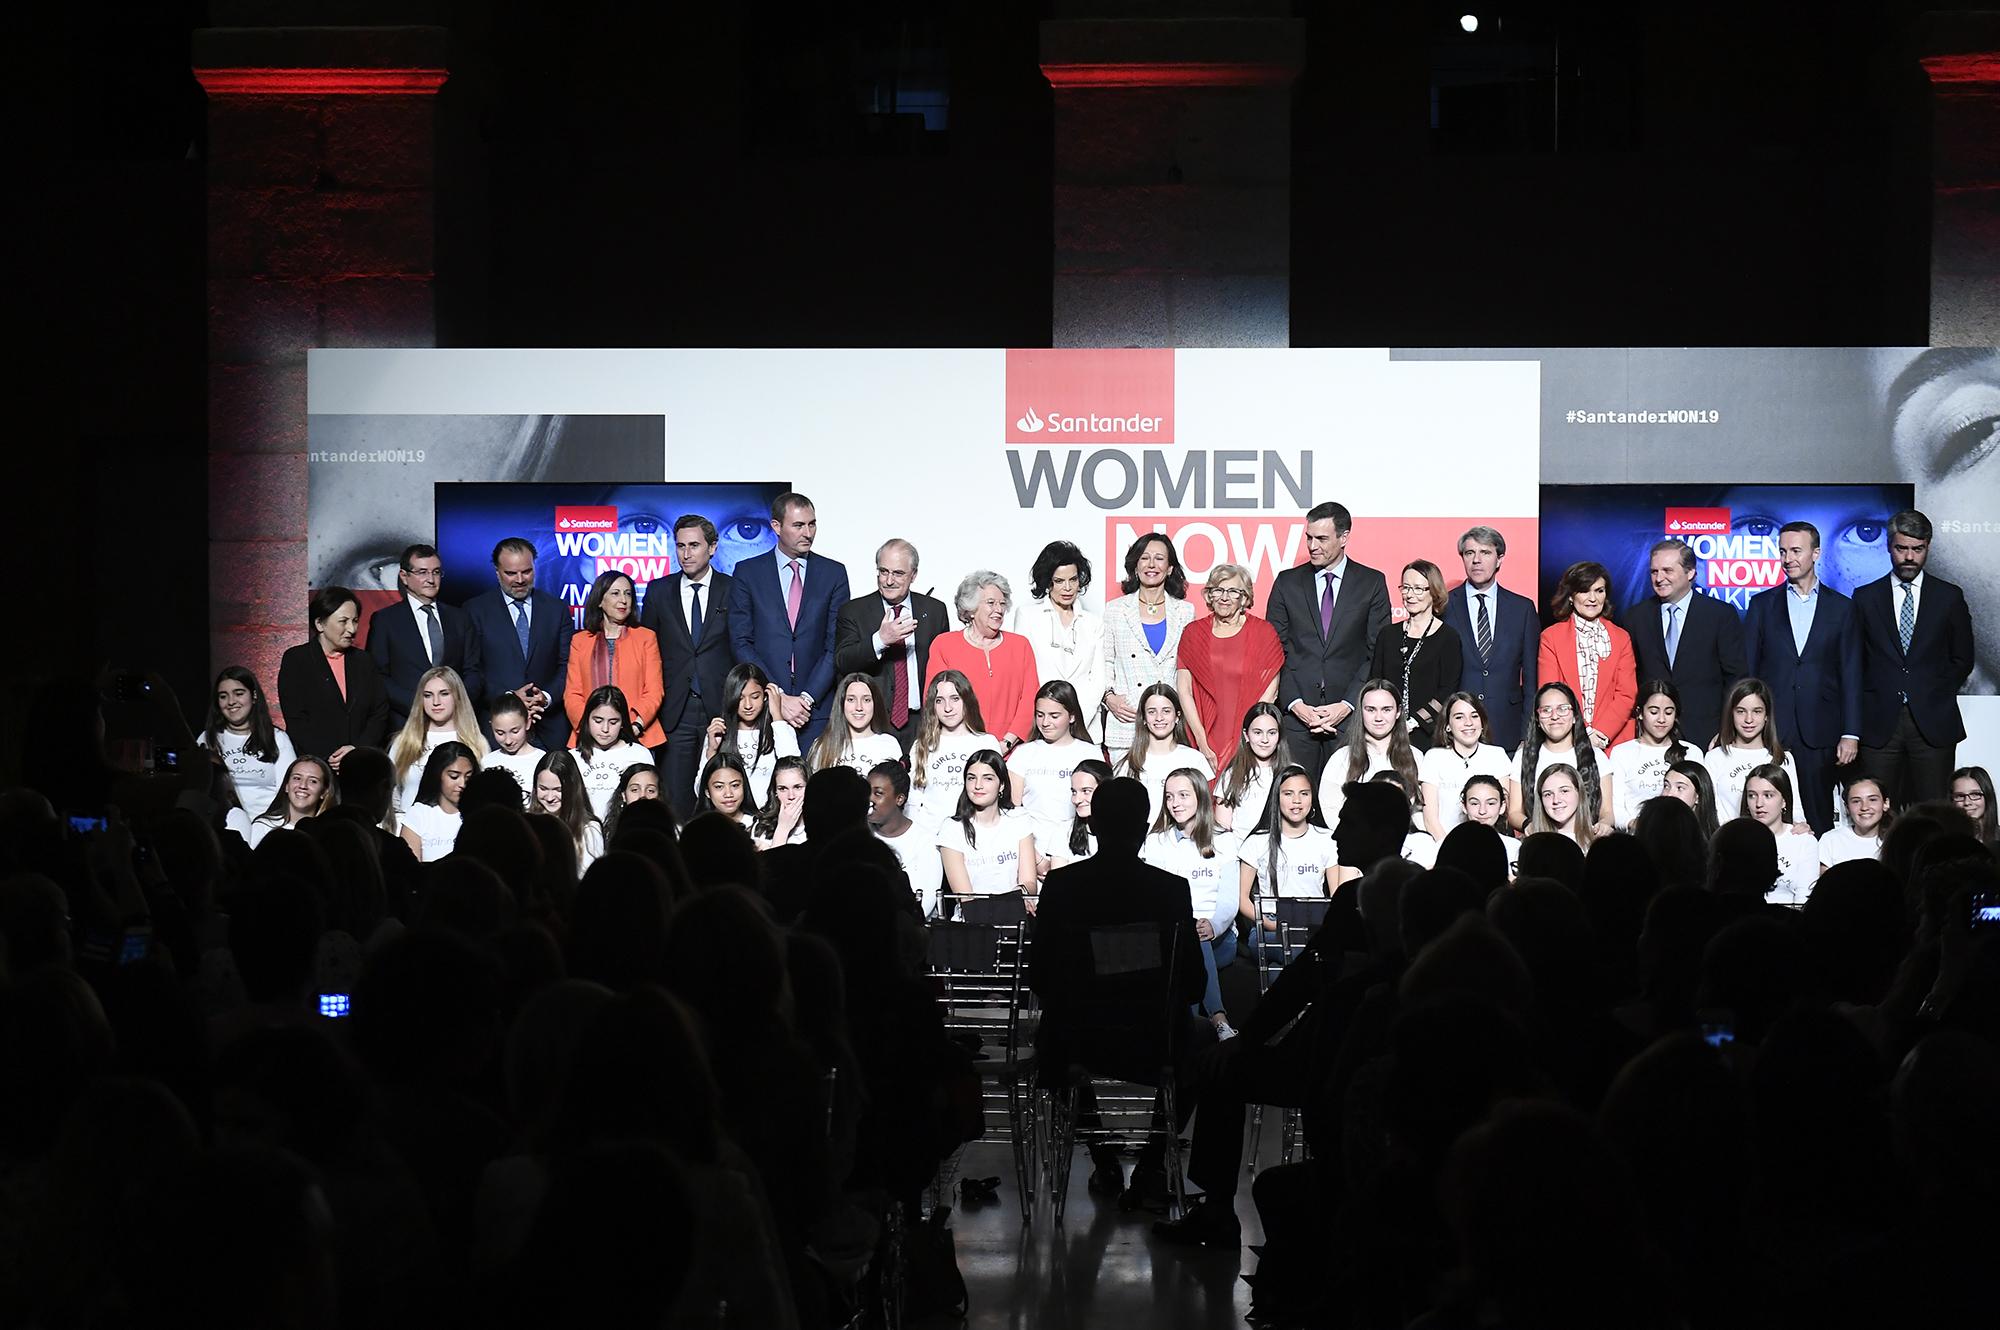 Inauguración del WomenNOW Summit